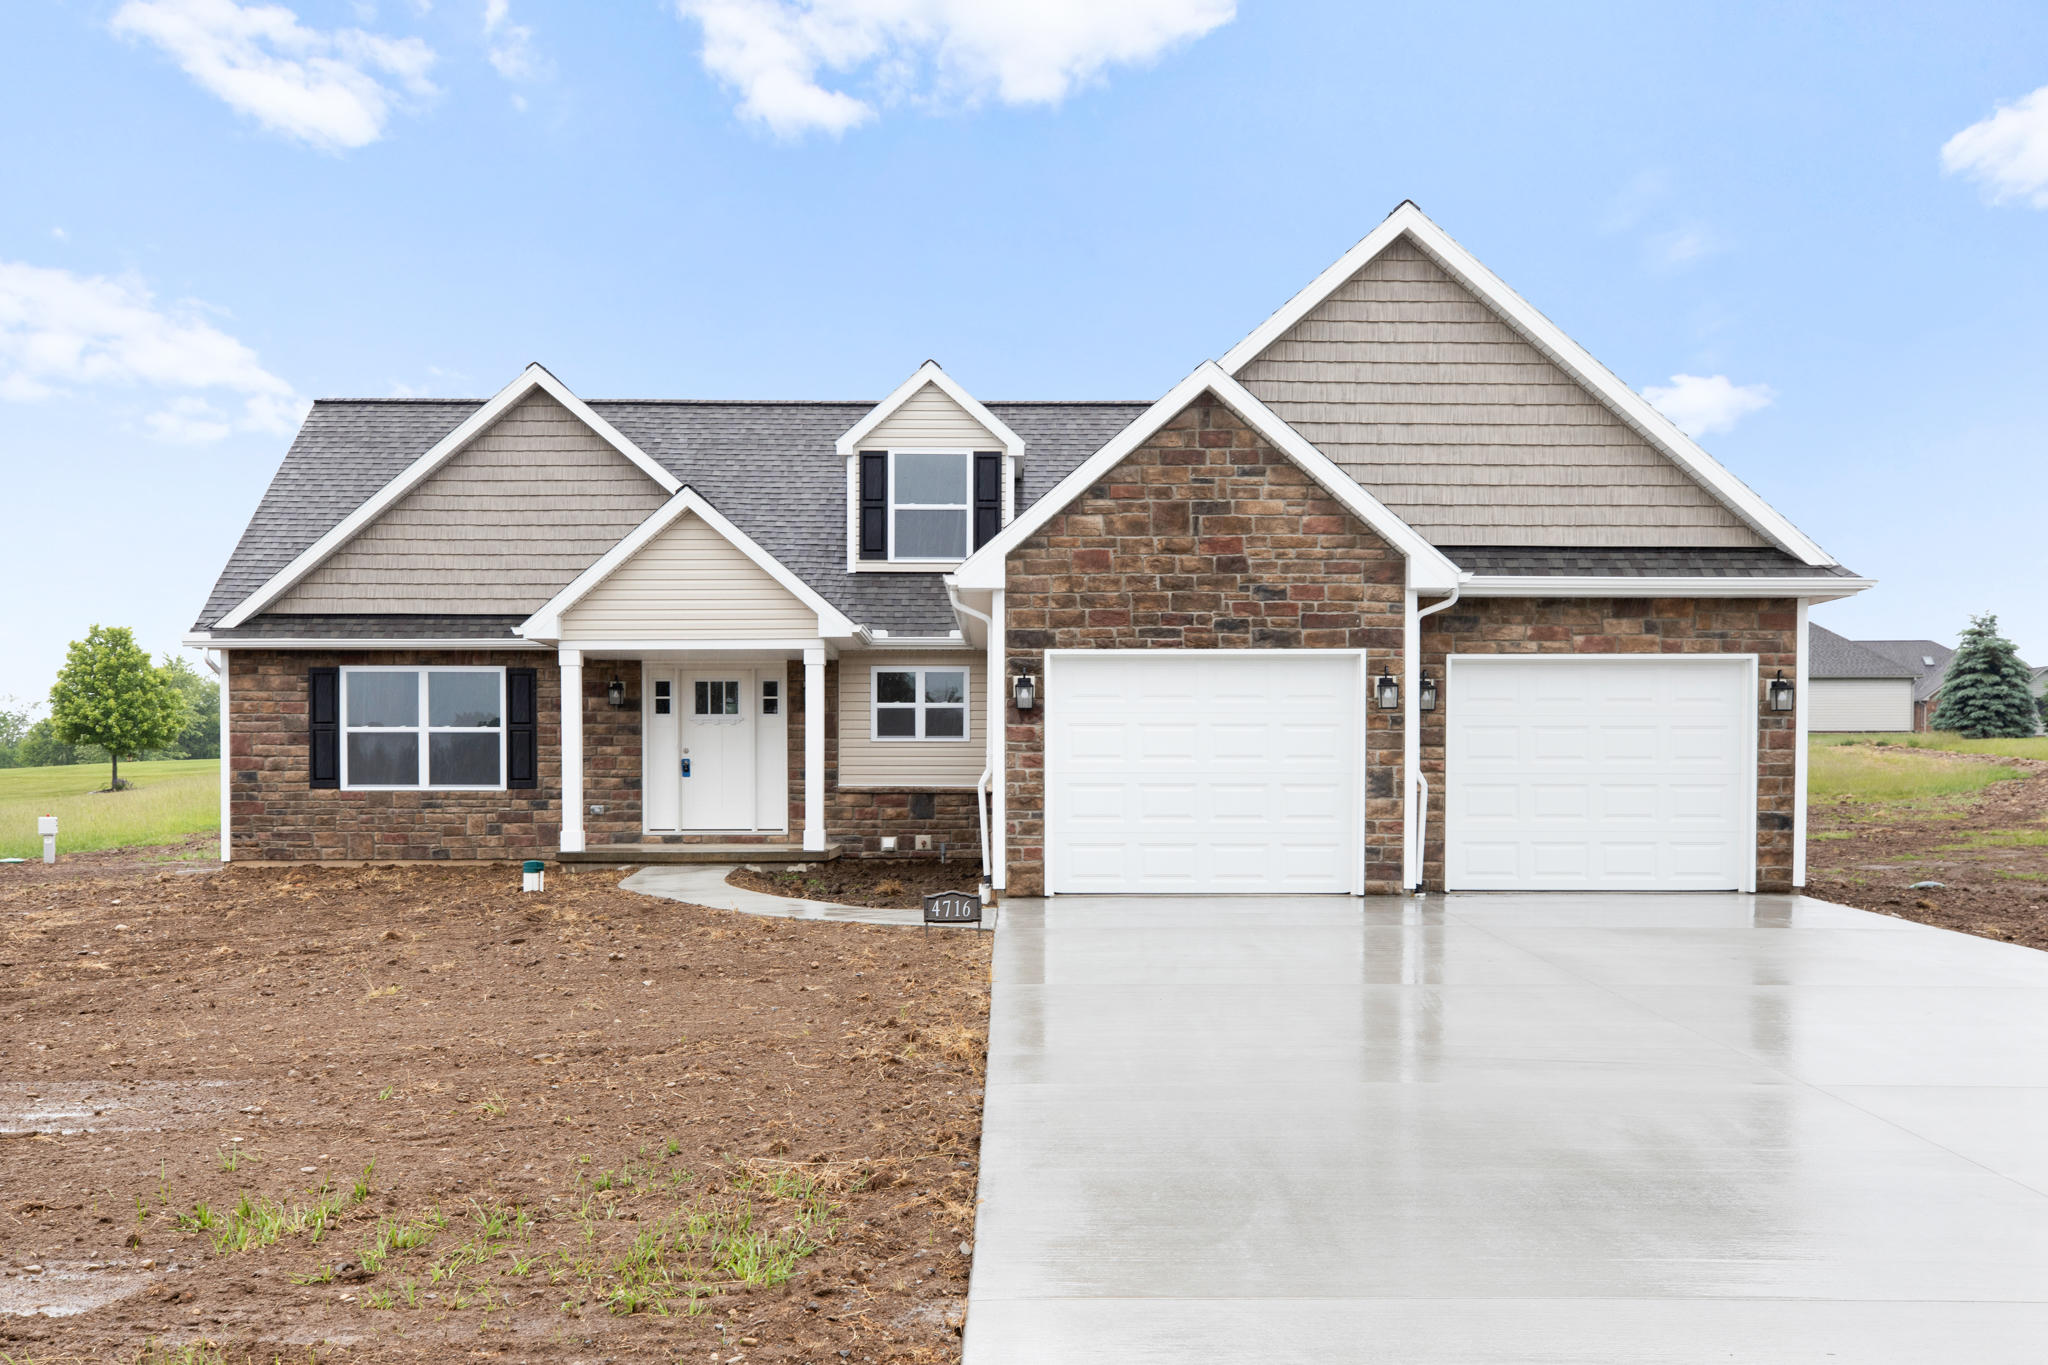 4716 Kress Drive Property Photo